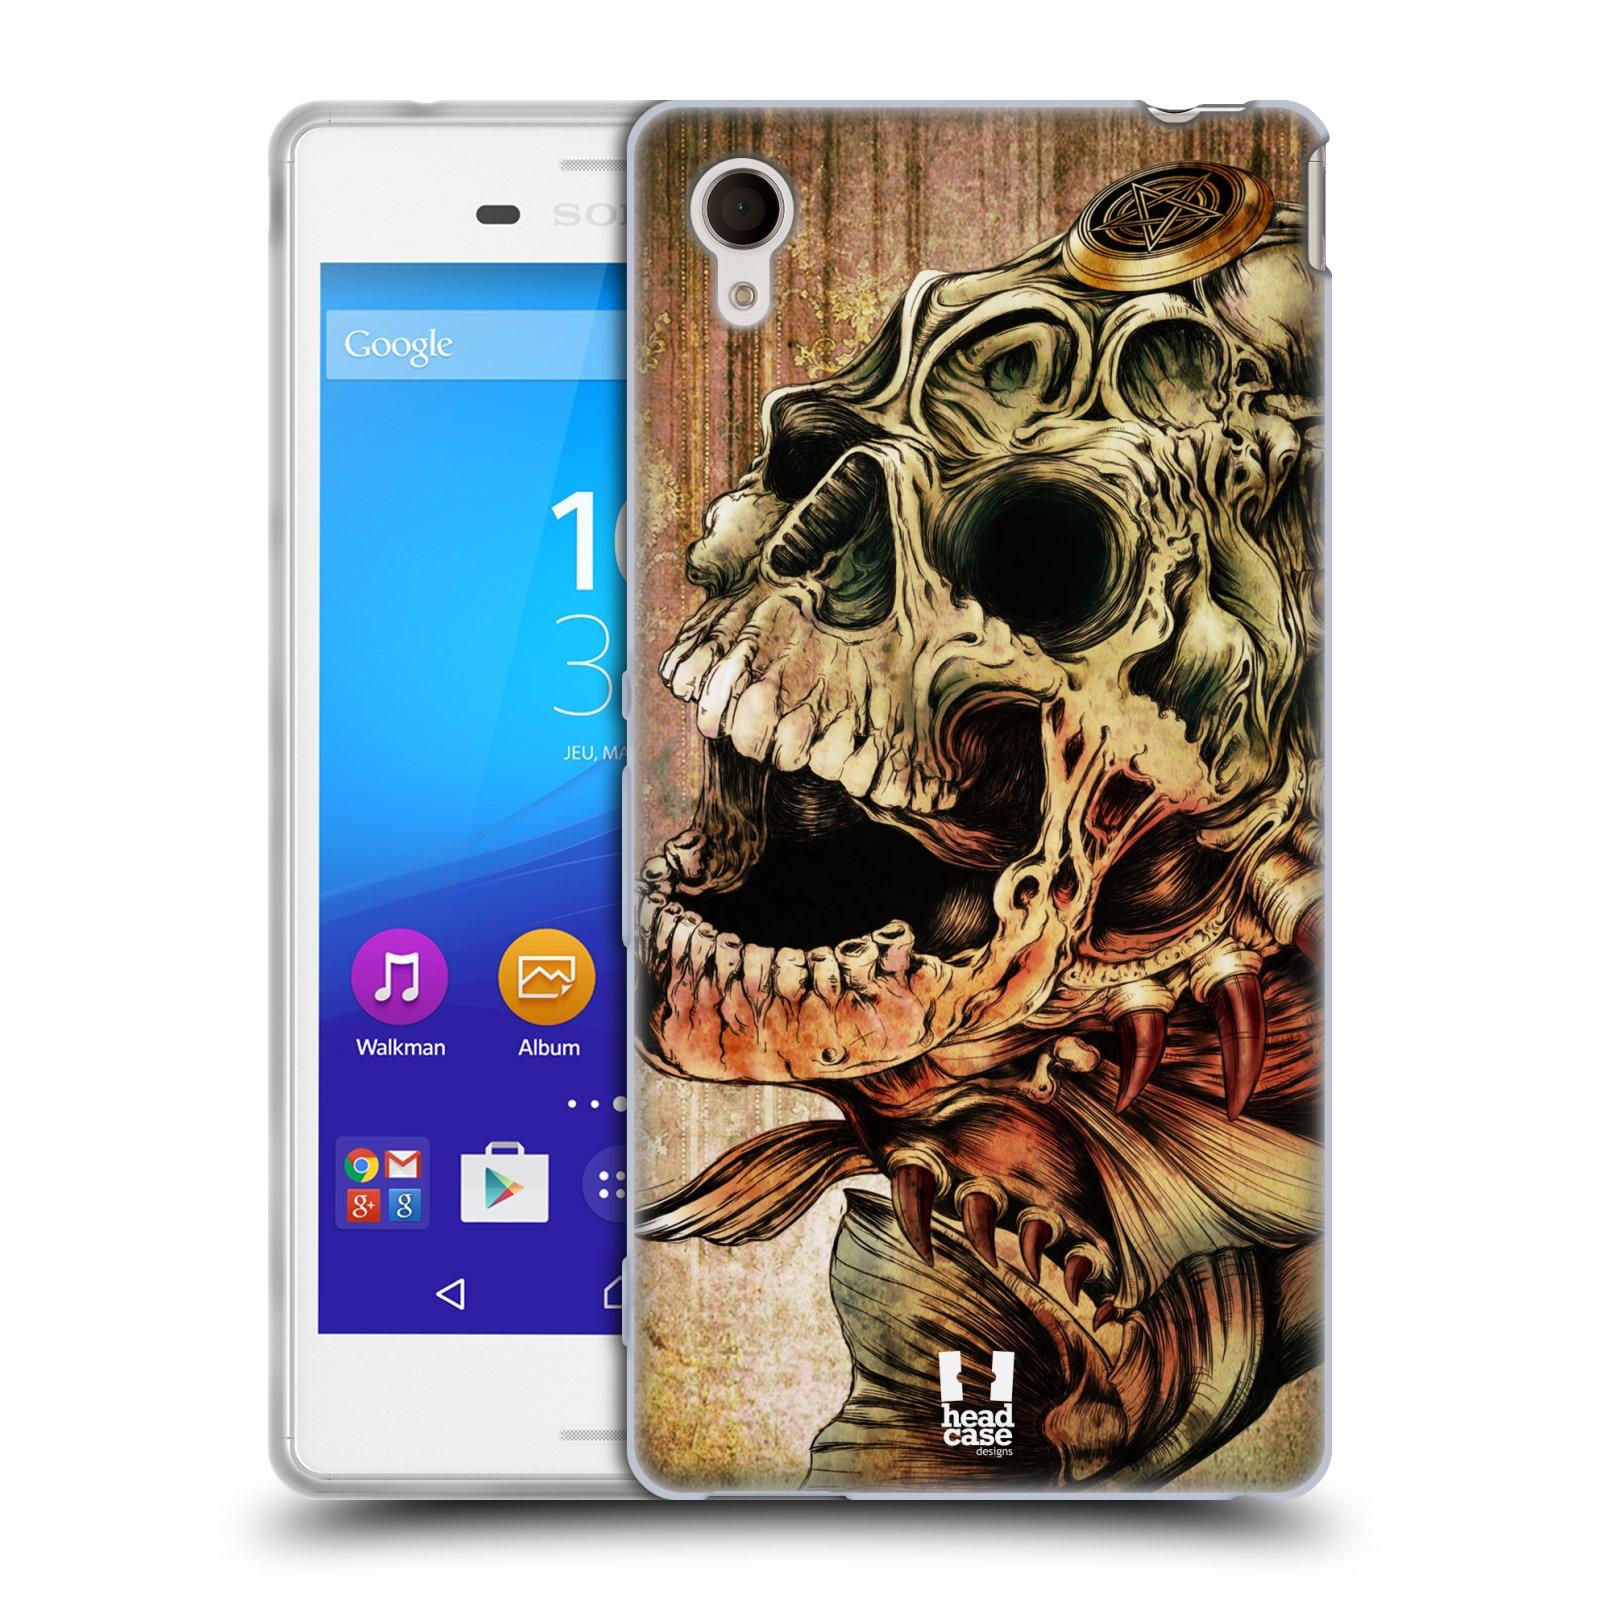 Silikonové pouzdro na mobil Sony Xperia M4 Aqua E2303 HEAD CASE PIRANHA (Silikonový kryt či obal na mobilní telefon Sony Xperia M4 Aqua a M4 Aqua Dual SIM)